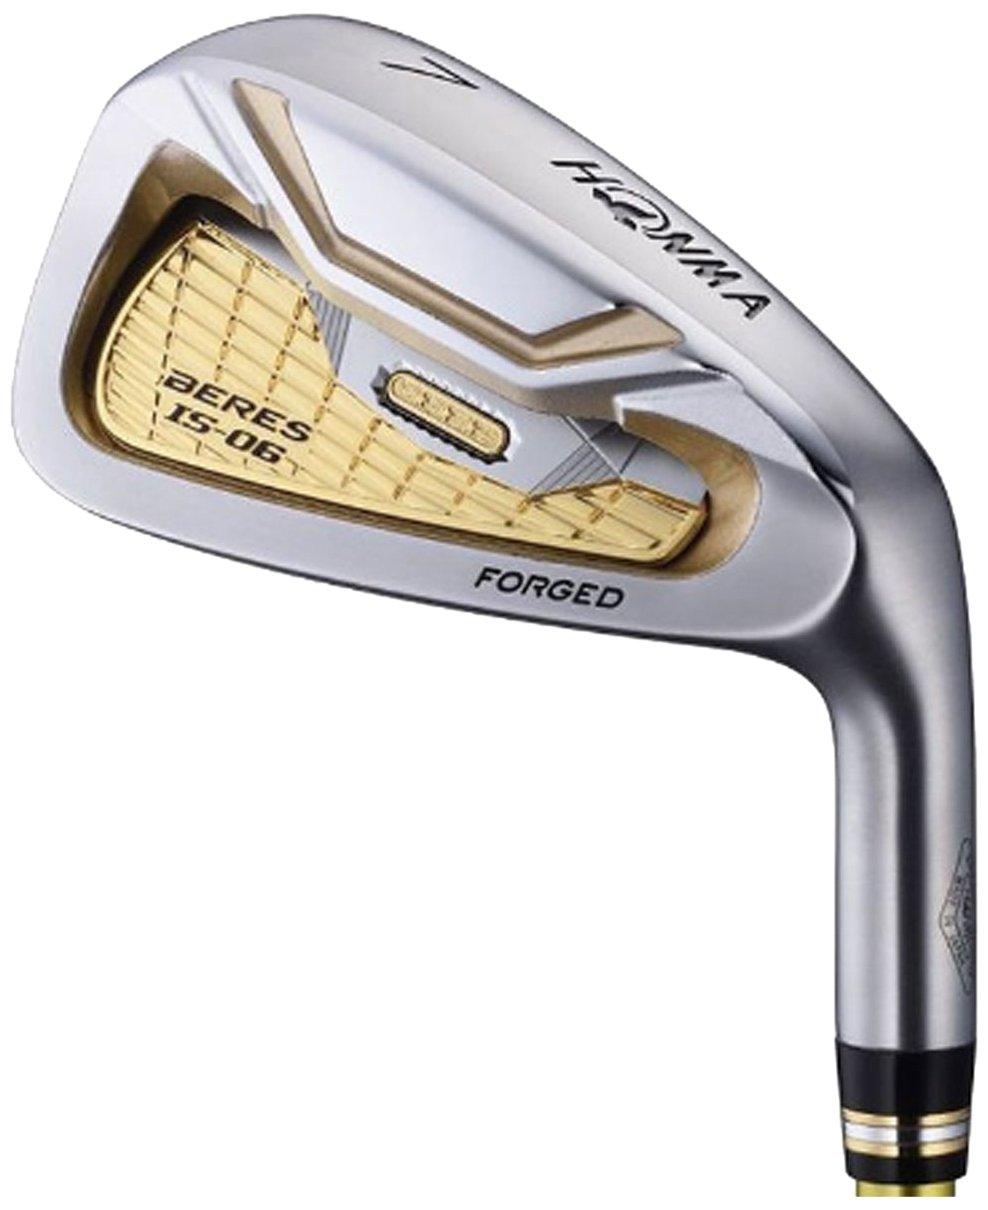 本間ゴルフ BERES IS-06 アイアン #5I(単品) ARMRQ X-43 3S シャフト カーボン メンズ IS-06 IR 右 ロフト角:22.5度 番手:#5I フレックス:S B0794QLH65